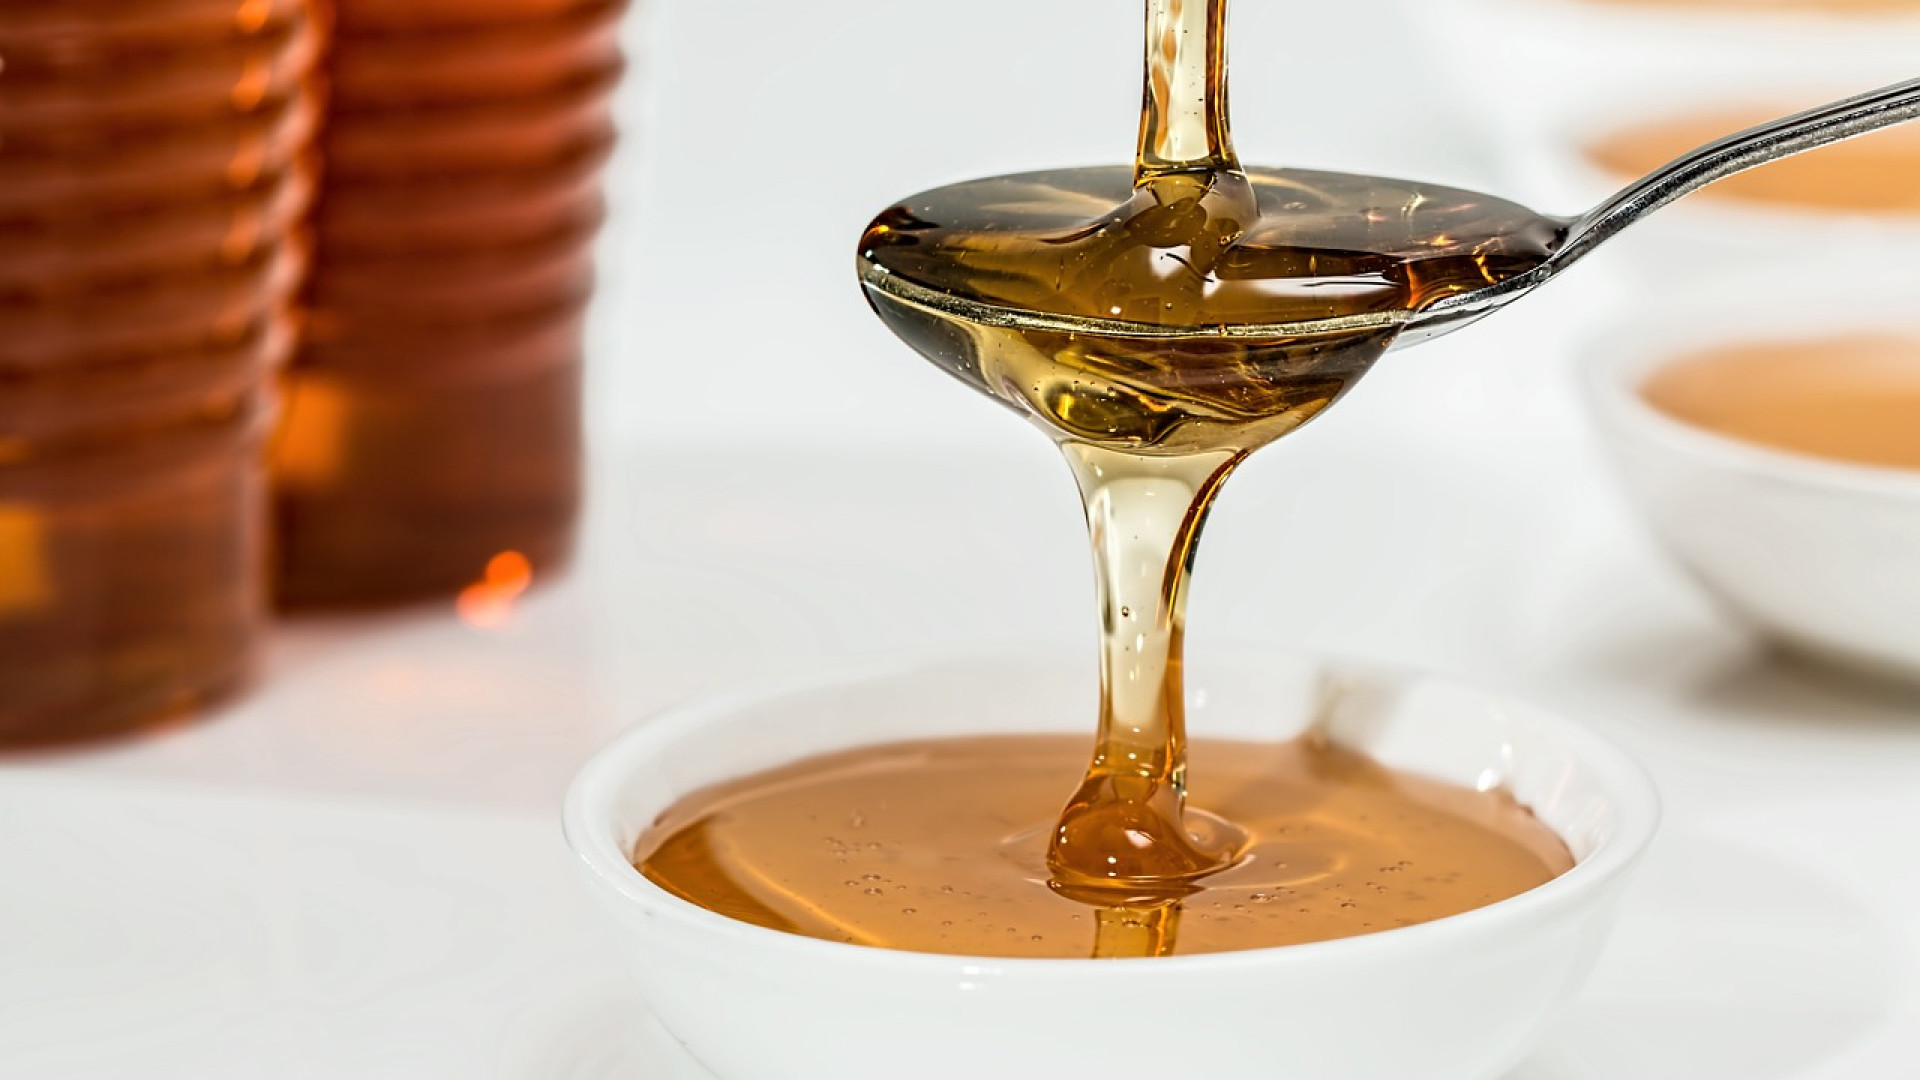 Quels sont les bienfaits du miel ?